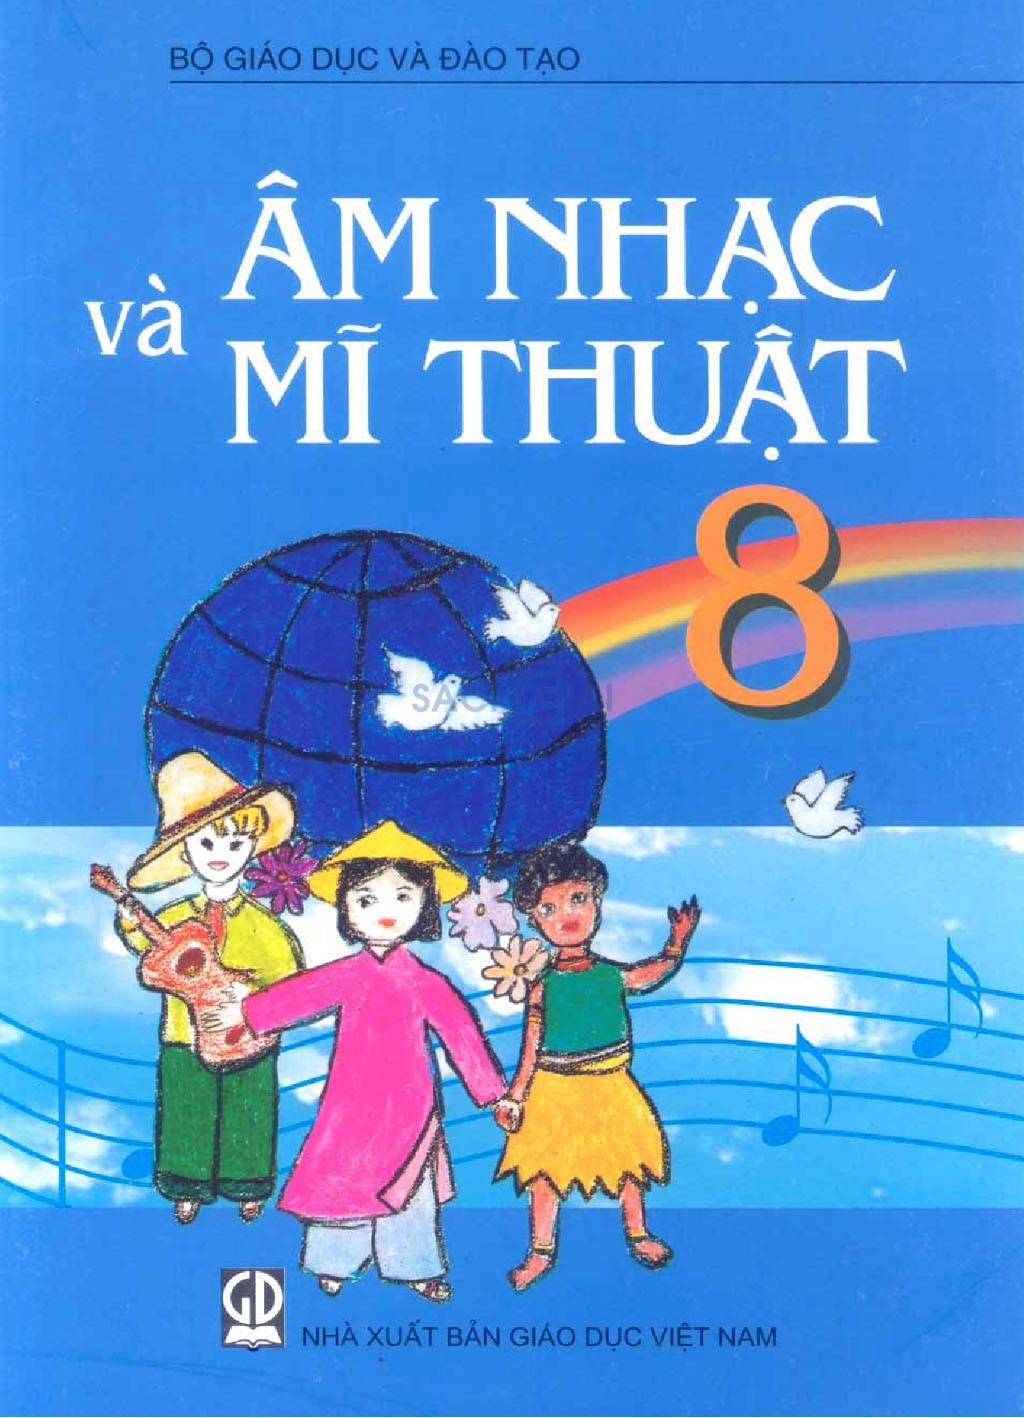 Bài 6 - Tiết 25: Ôn tập bài hát: Nổi trống lên các bạn ơi, Ôn TĐN: TĐN số 6, Âm nhạc thường thức: Hát bè _ Trường THCS Thị Trấn Tân Trụ